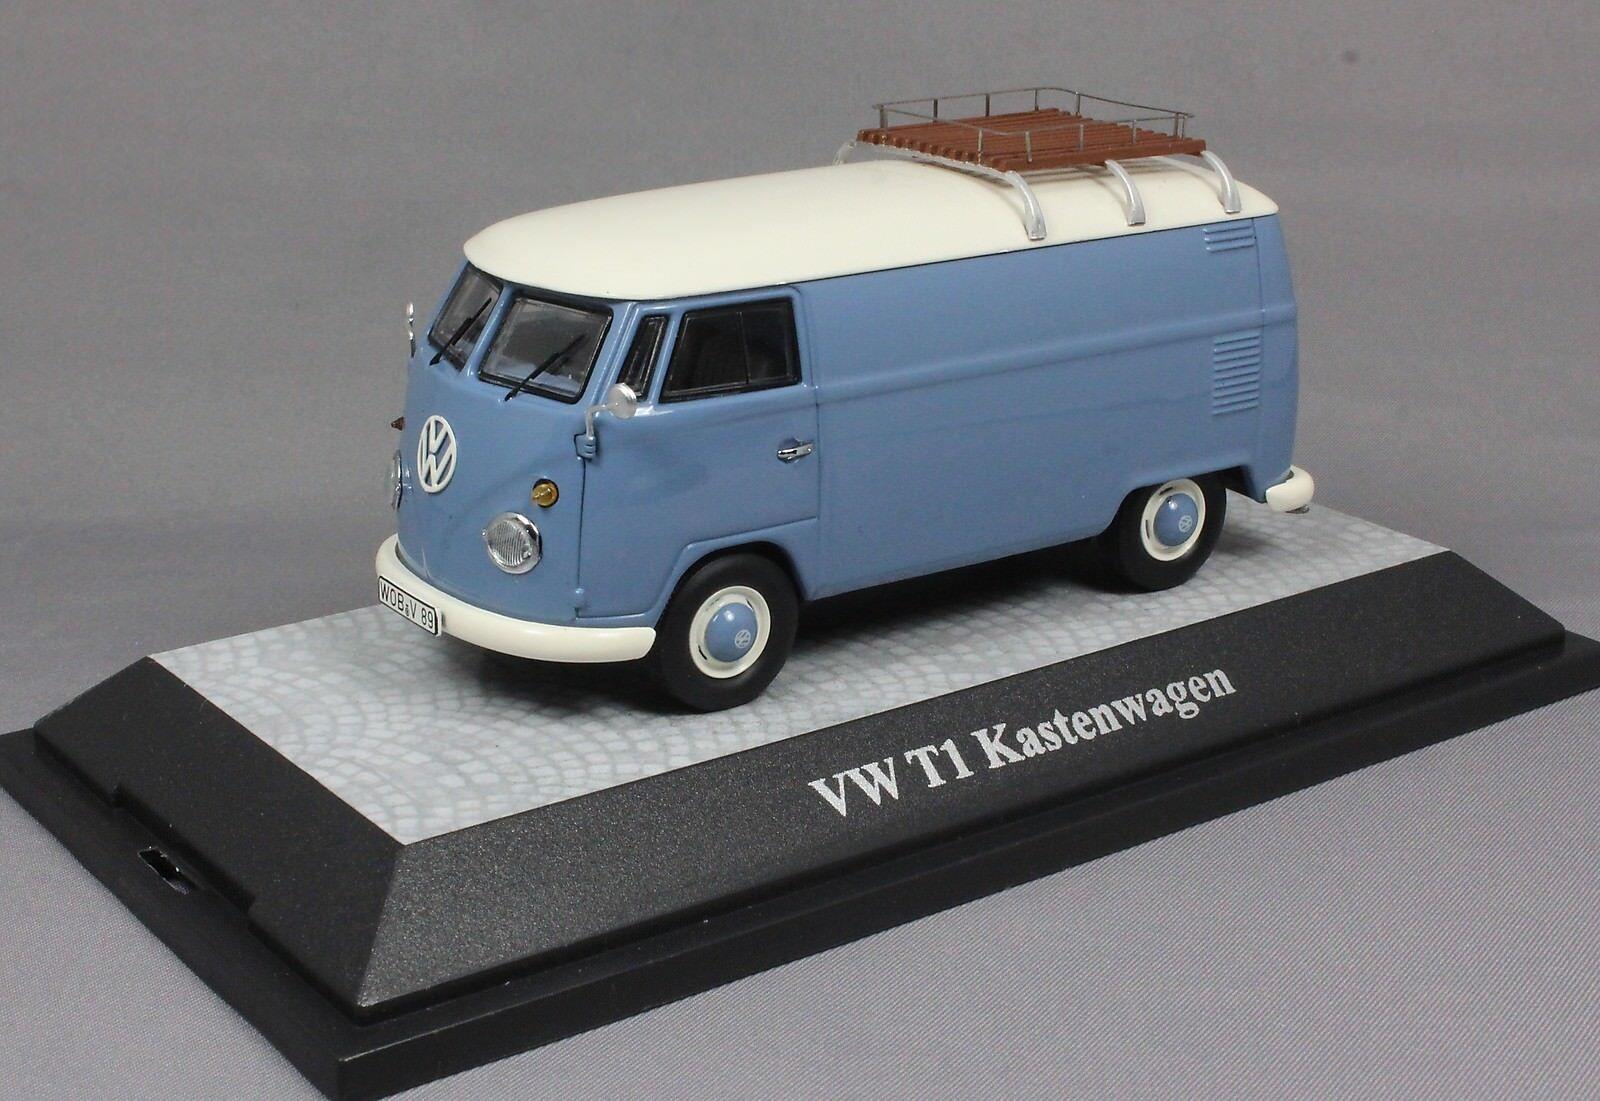 Premium ClassiXXs Volkswagen VW T1 Transporter in bluee 13800 1 43 NEW Ltd Ed 500